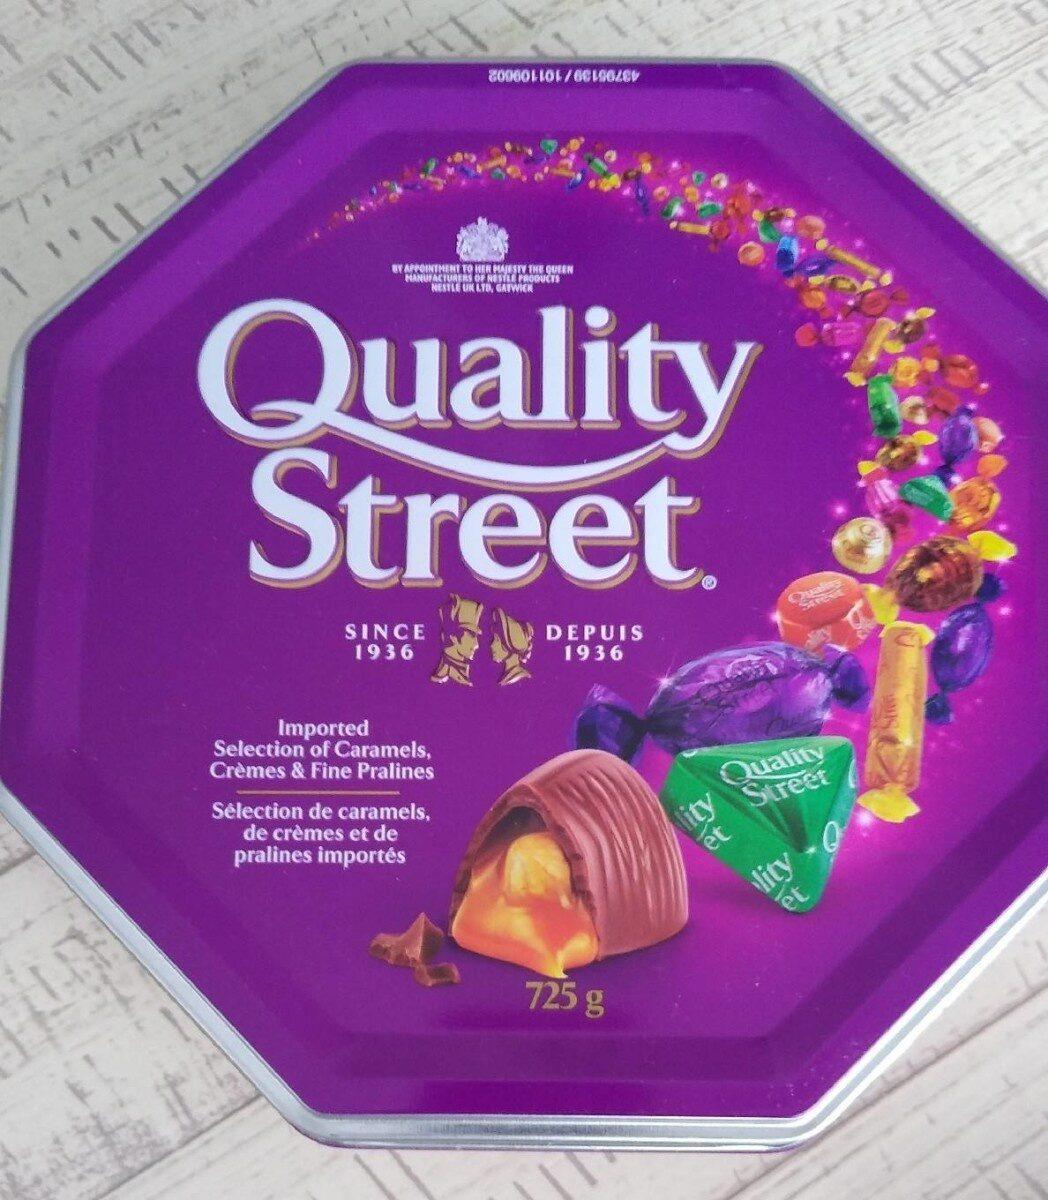 Qualité Street - Product - fr